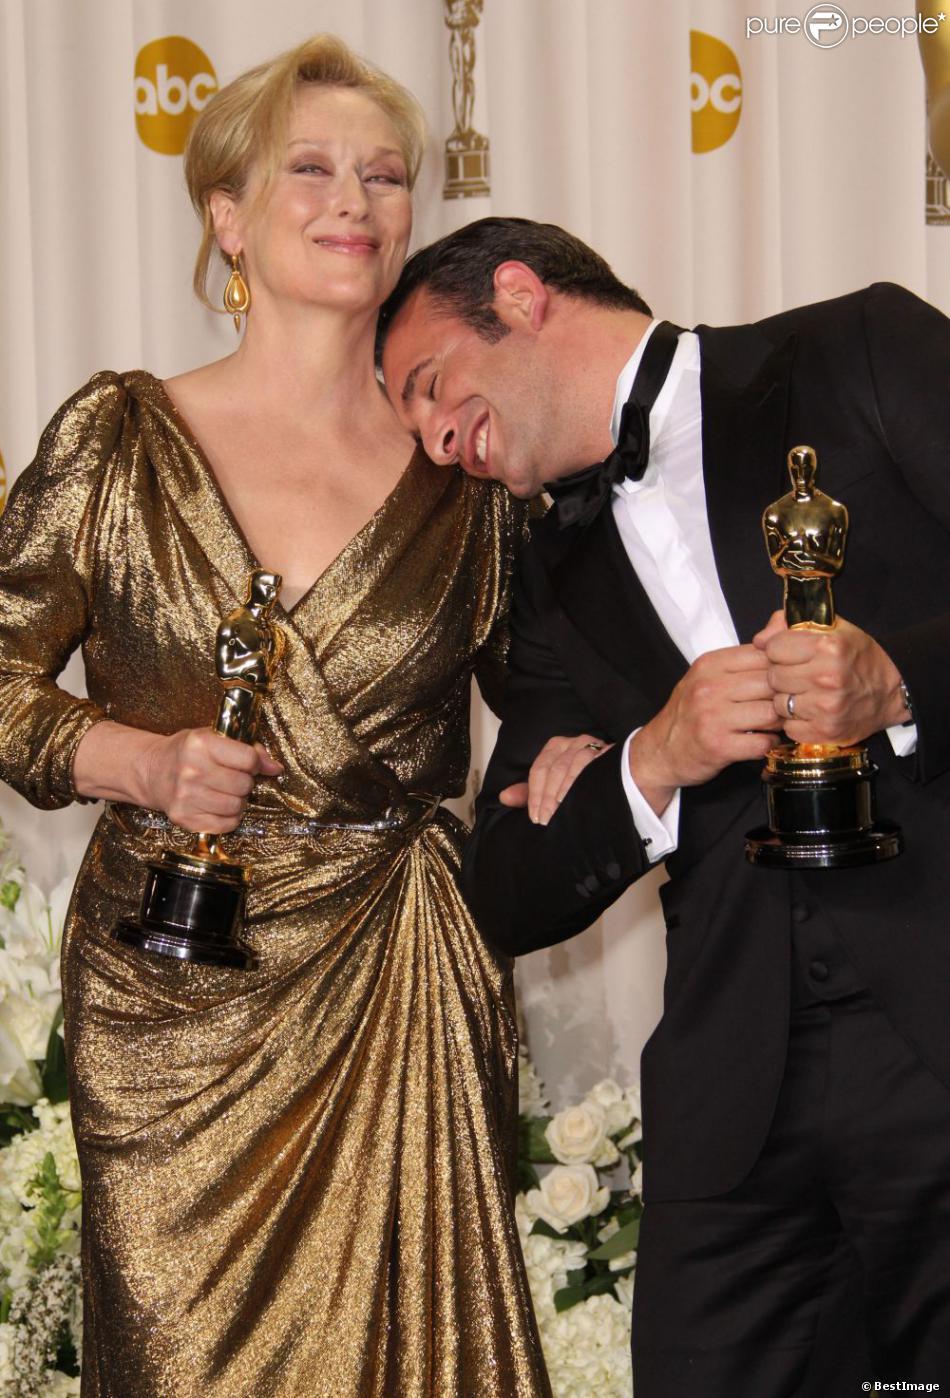 Meilleure actrice et meilleur acteur l'an dernier, Meryl Streep et Jean Dujardin seront de retour pour remettre un prix.